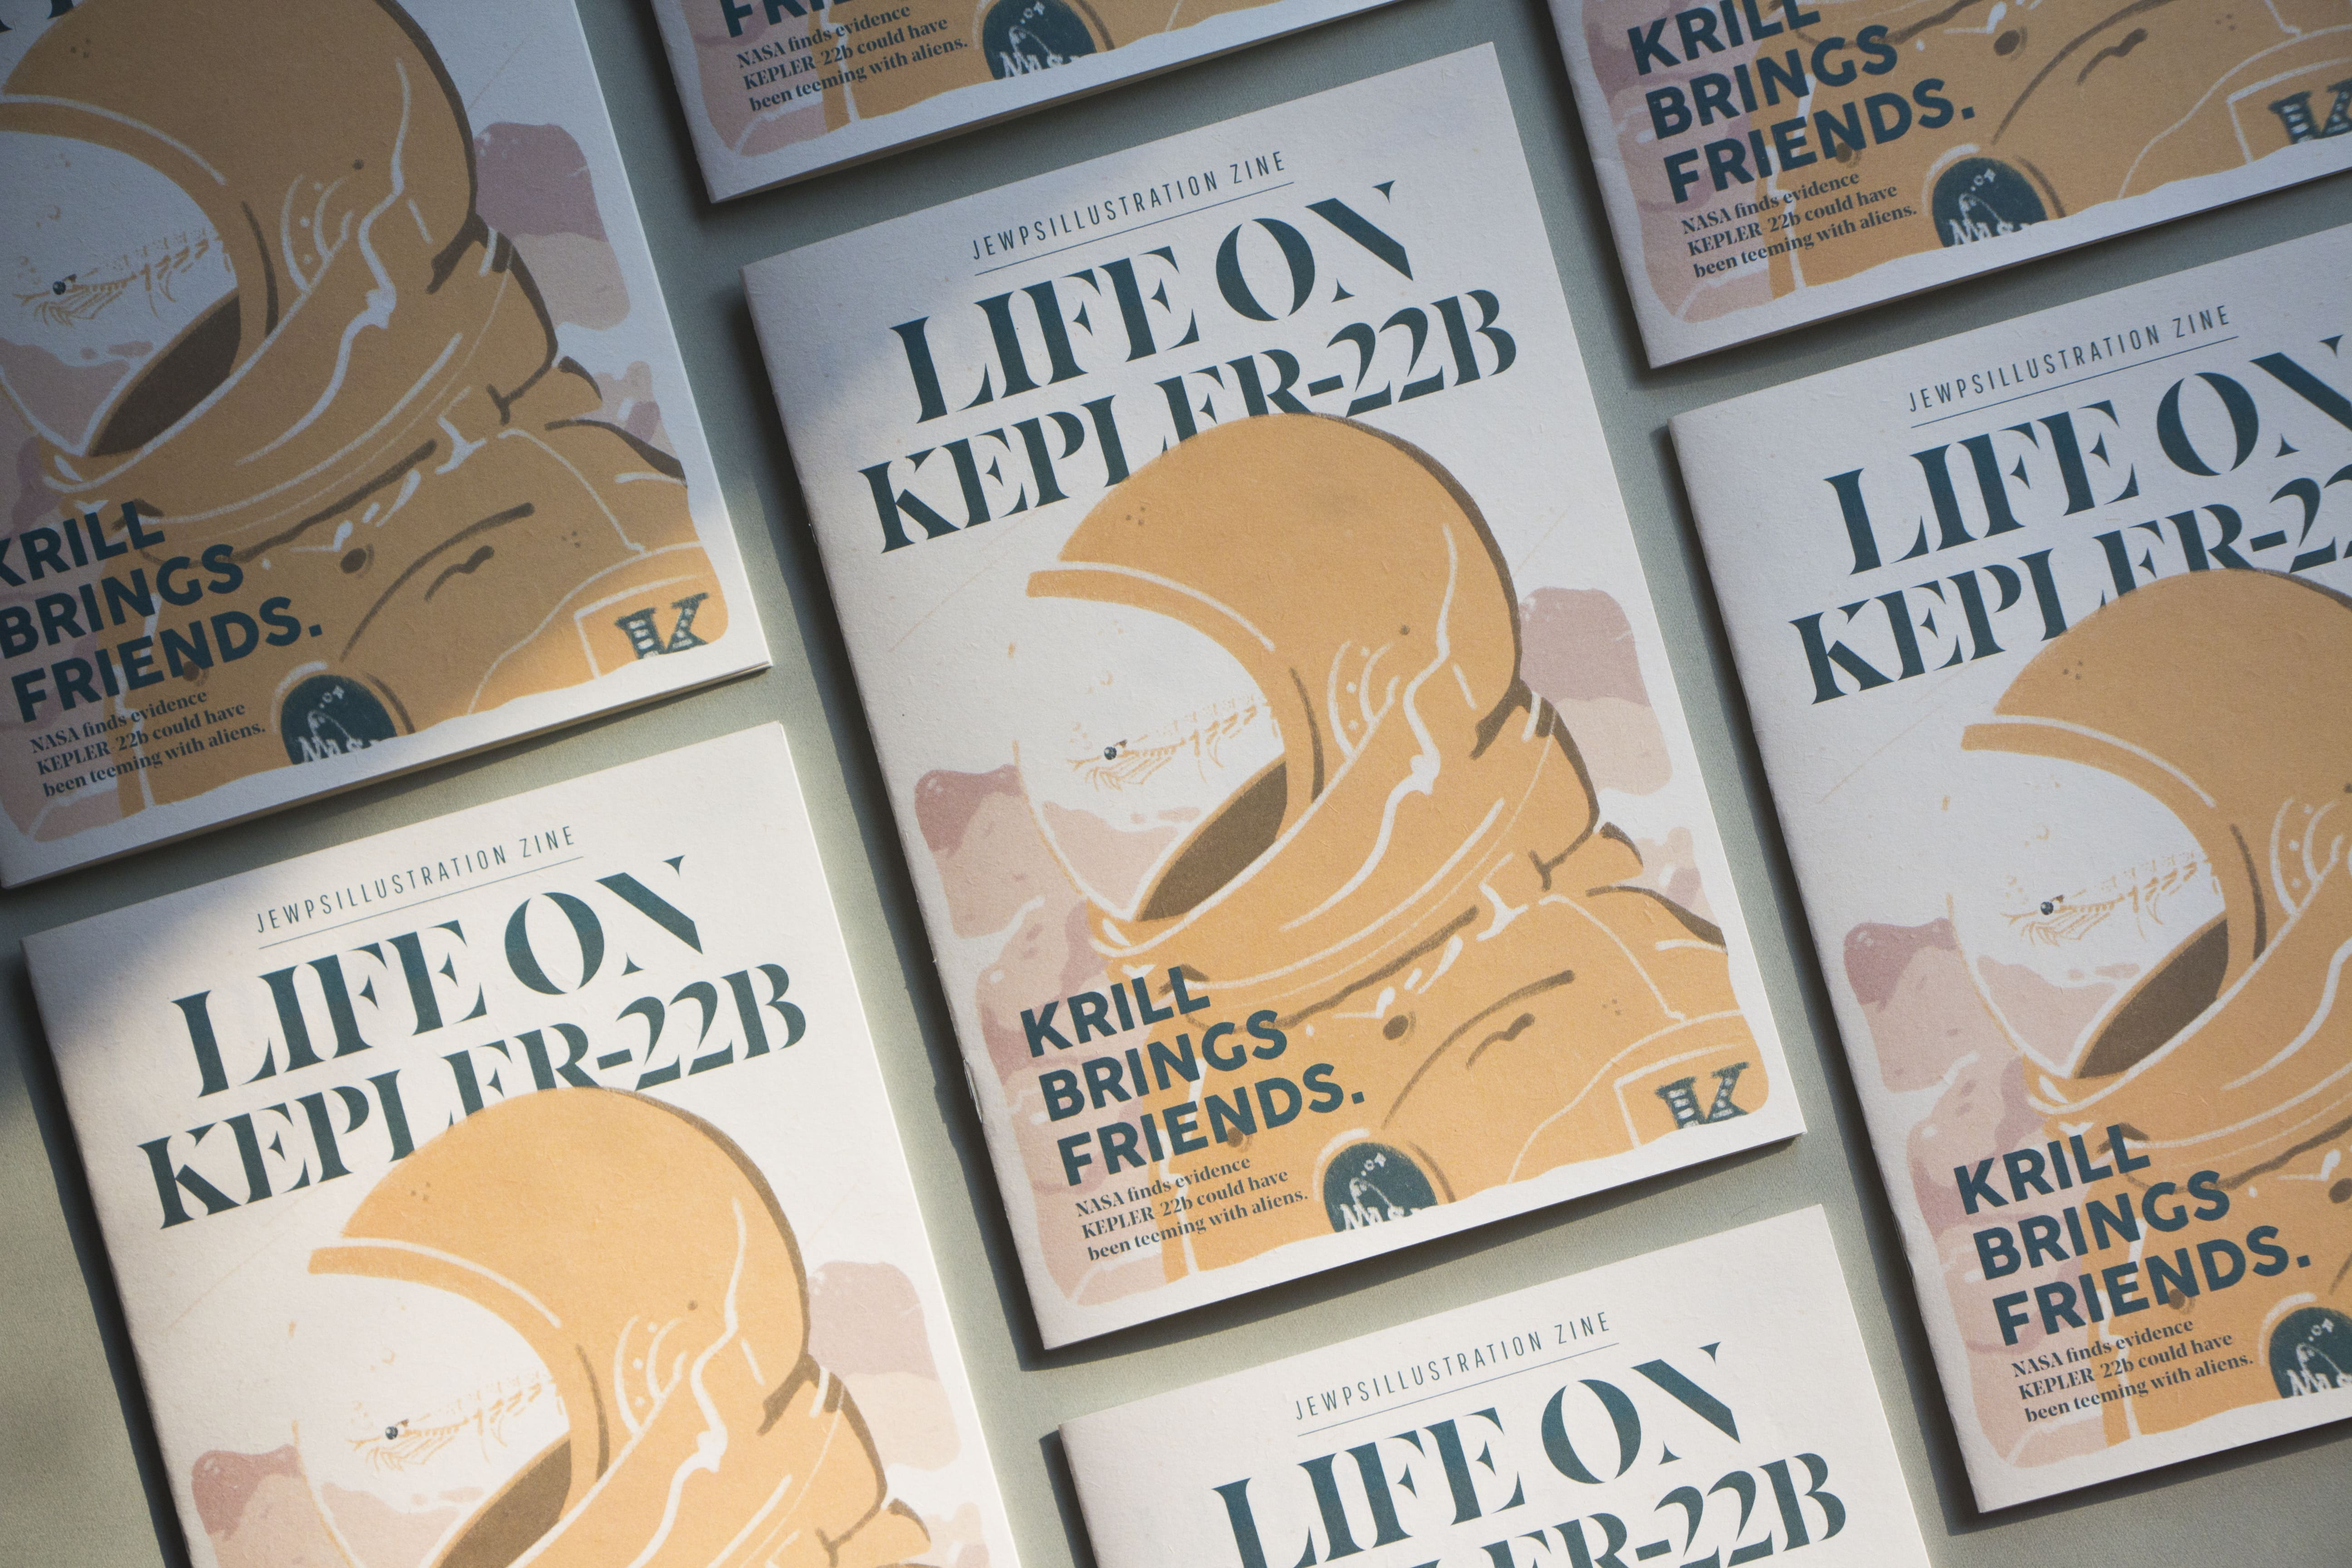 Life on Kepler-22b